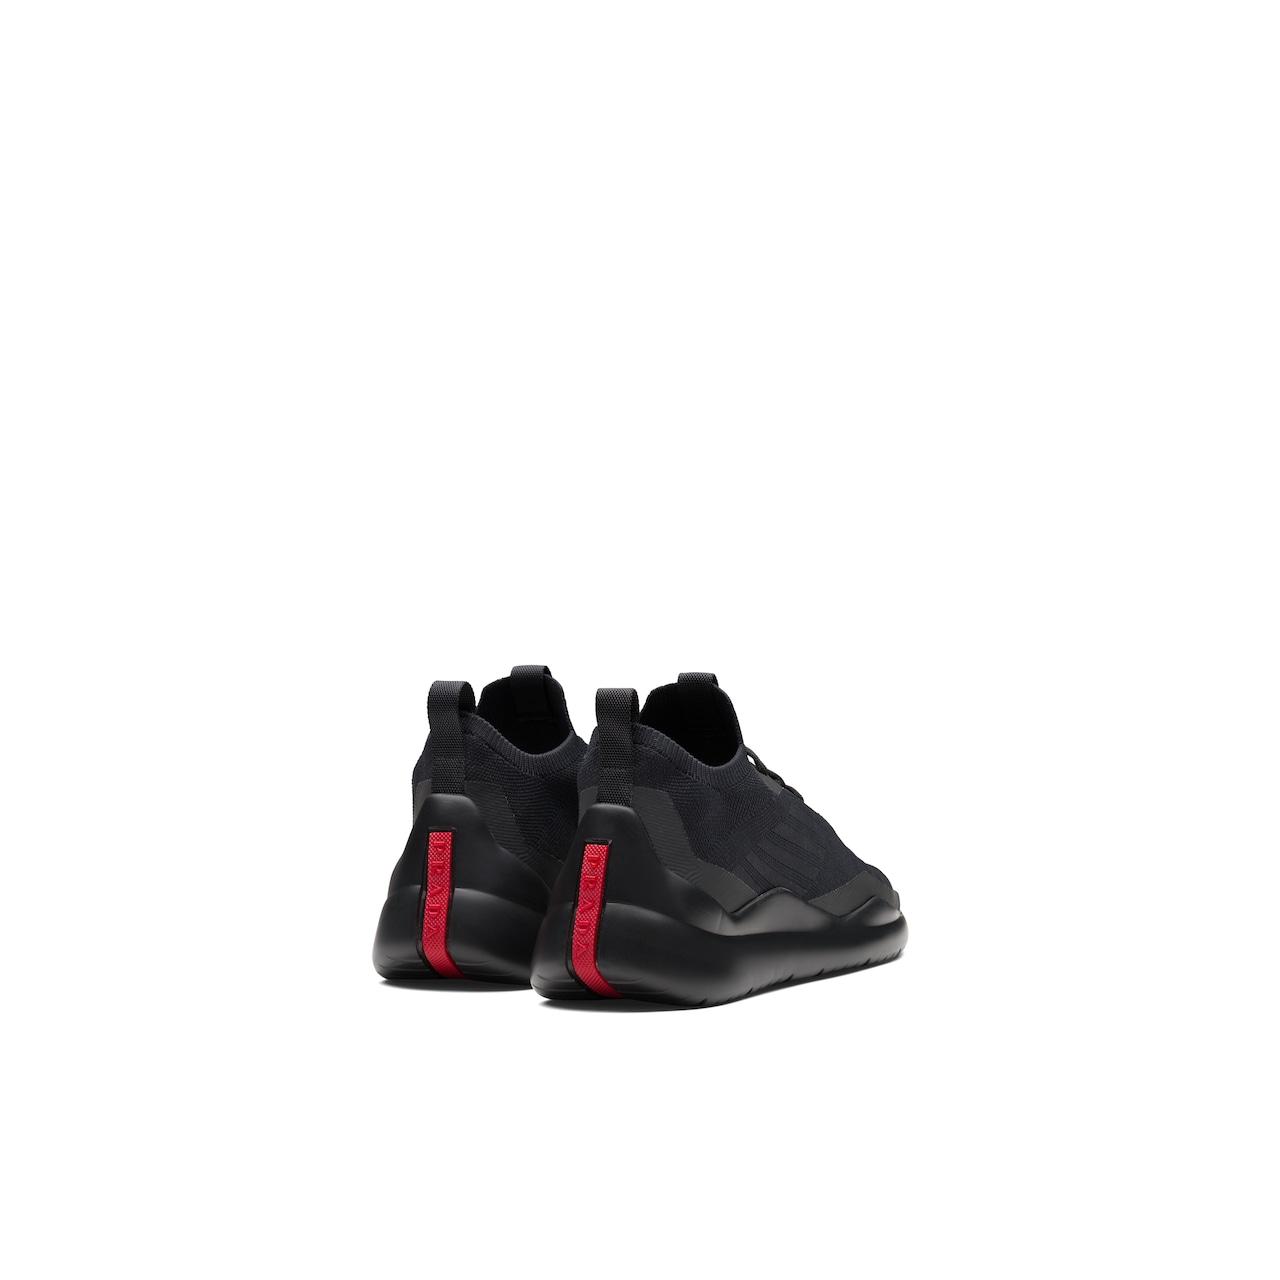 Prada Prada Toblach Techno Knit LR 运动鞋 5